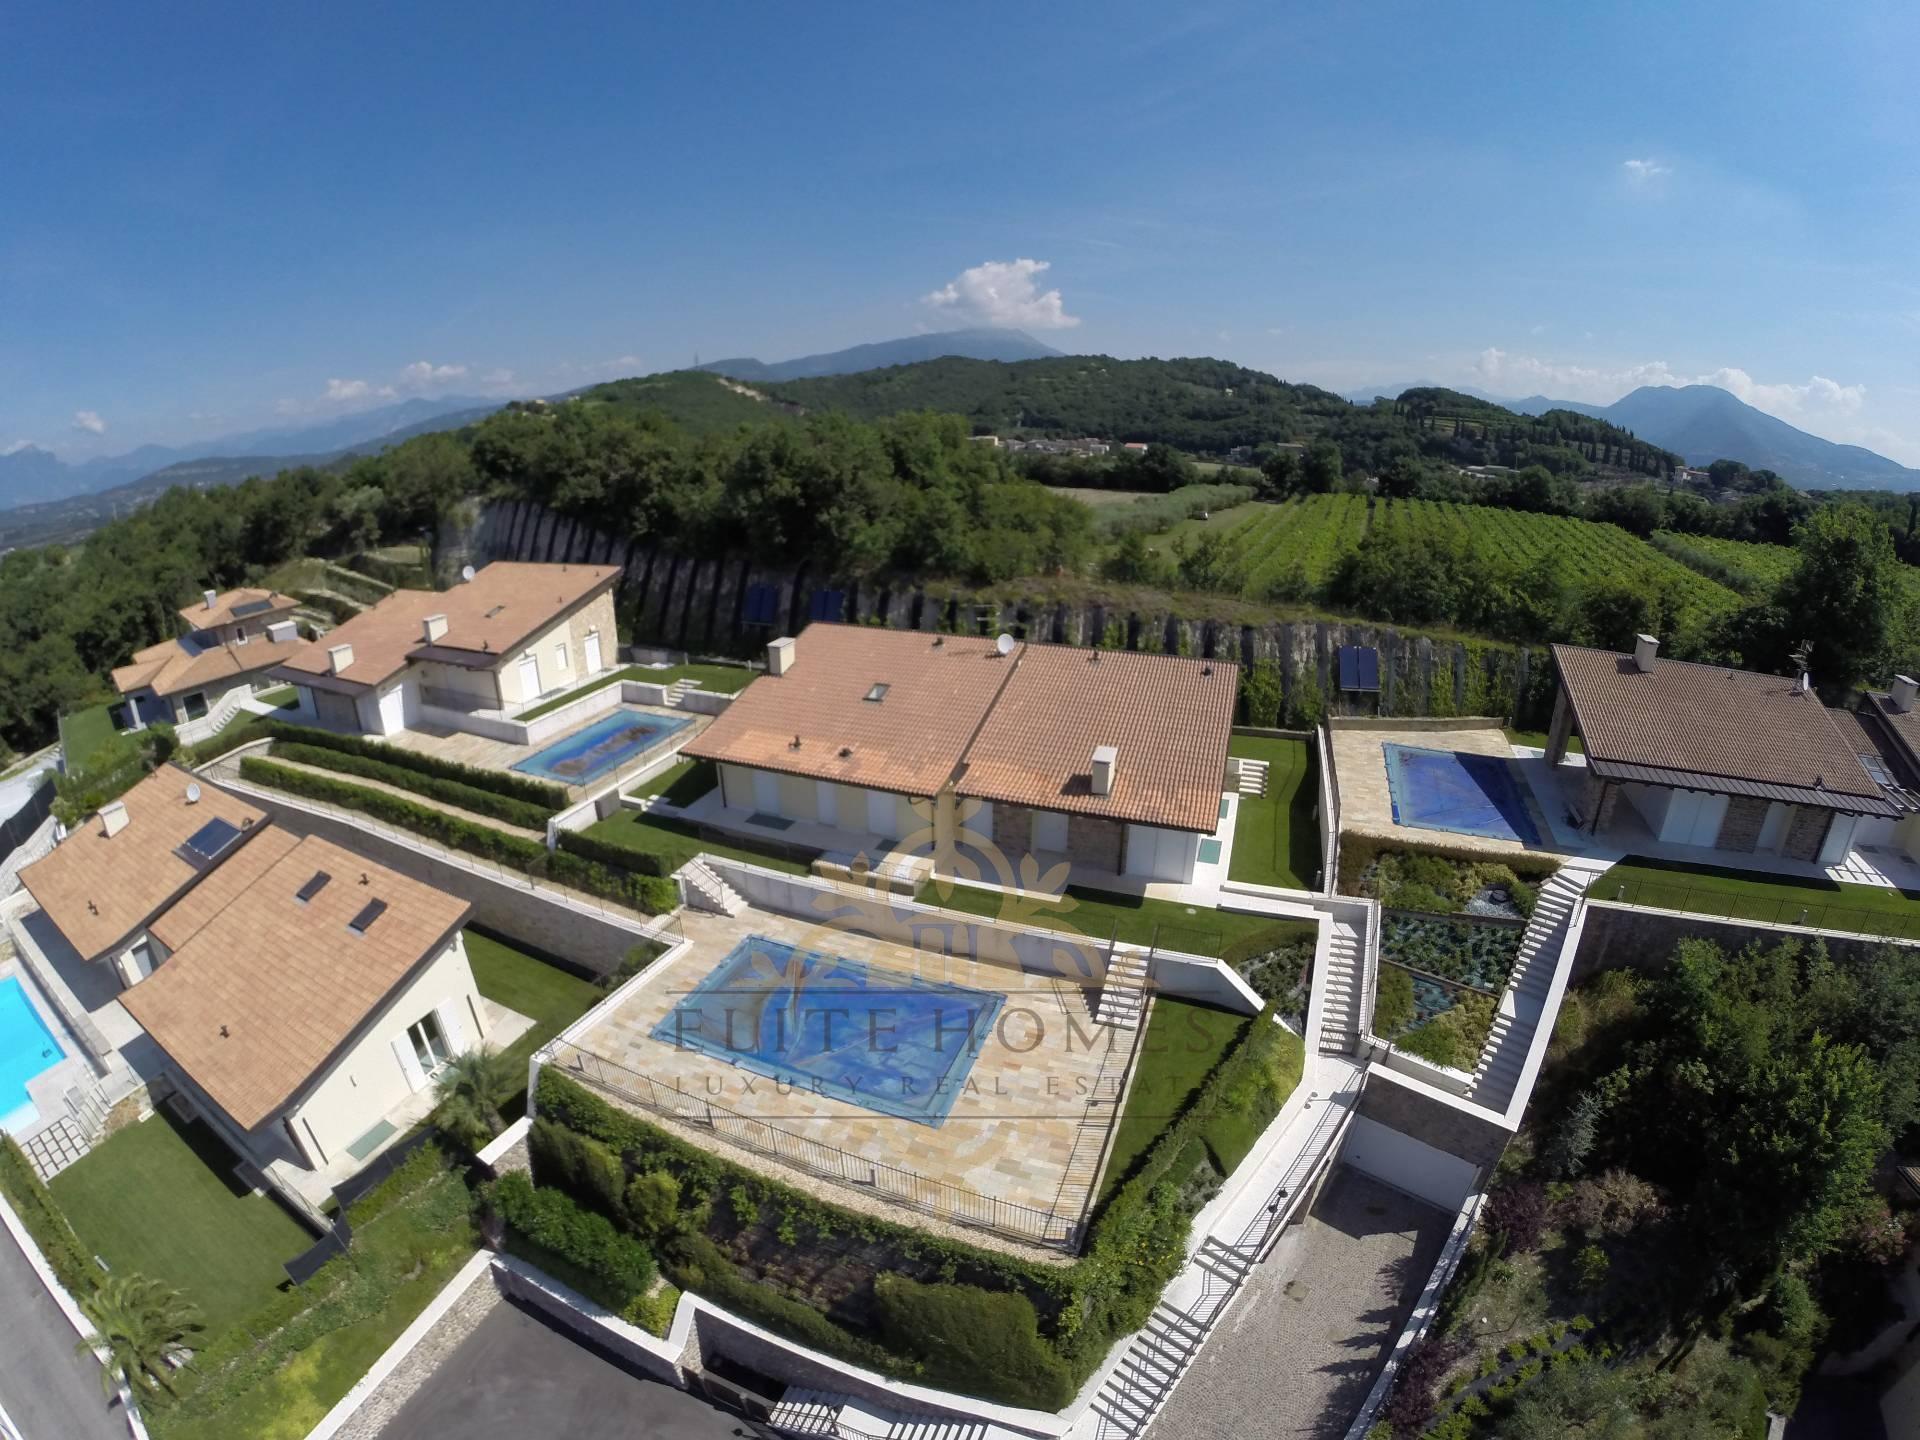 Villa in vendita a Cavaion Veronese, 15 locali, Trattative riservate | CambioCasa.it